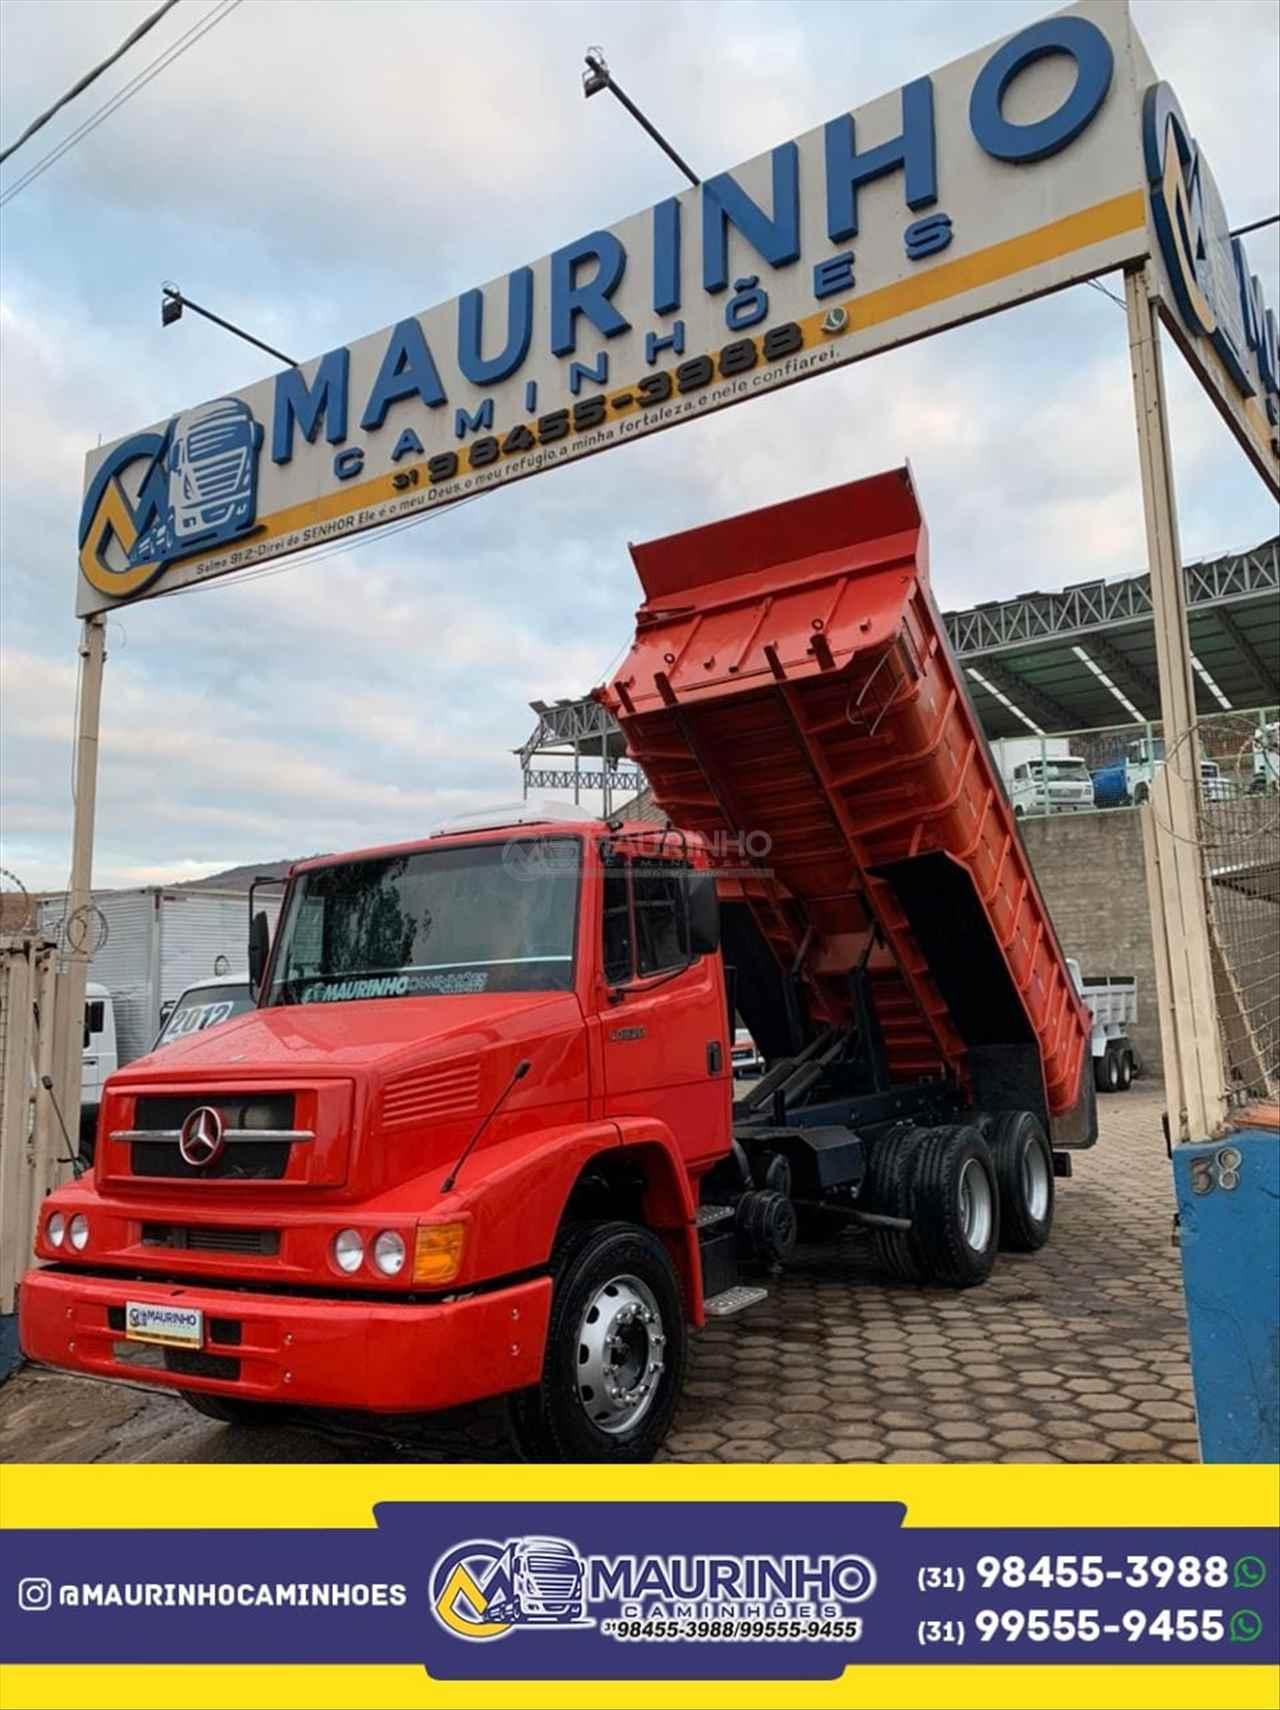 CAMINHAO MERCEDES-BENZ MB 1620 Caçamba Basculante Truck 6x2 Maurinho Caminhões JOAO MONLEVADE MINAS GERAIS MG